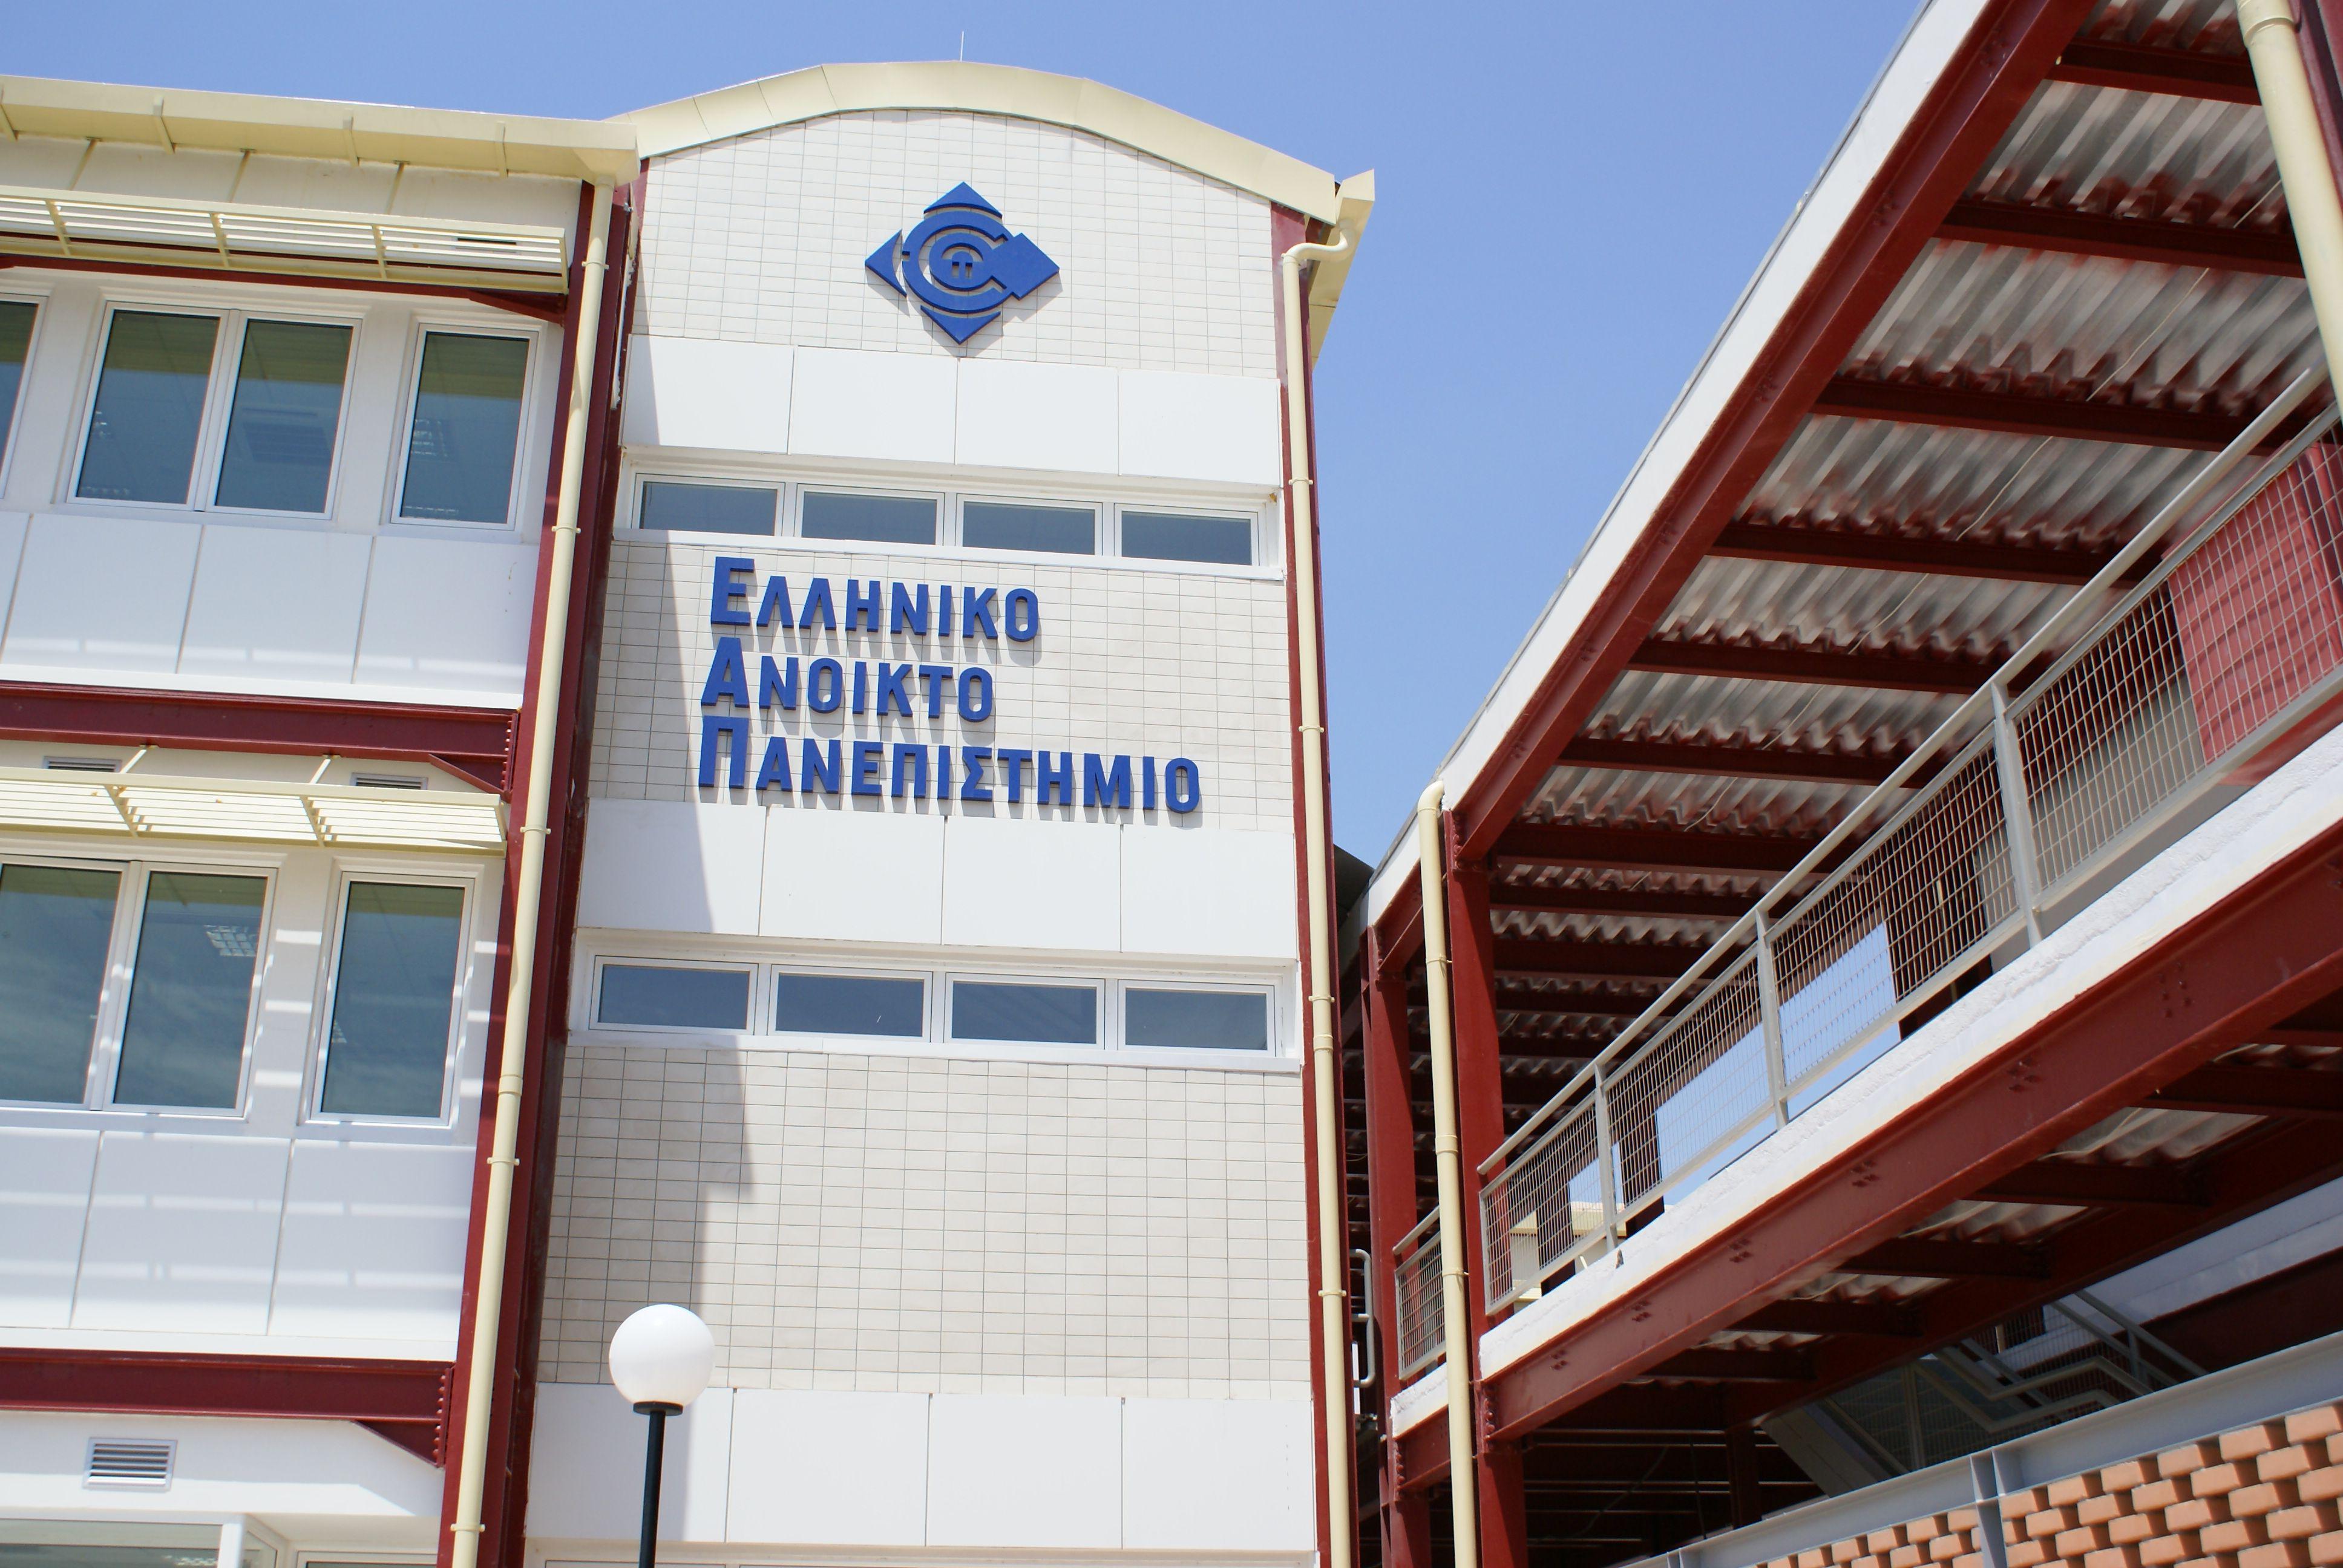 Ελληνικό Ανοικτό Πανεπιστήμιο: Προκήρυξη για 6 προπτυχιακά και 26  μεταπτυχιακά προγράμματα   eduguide